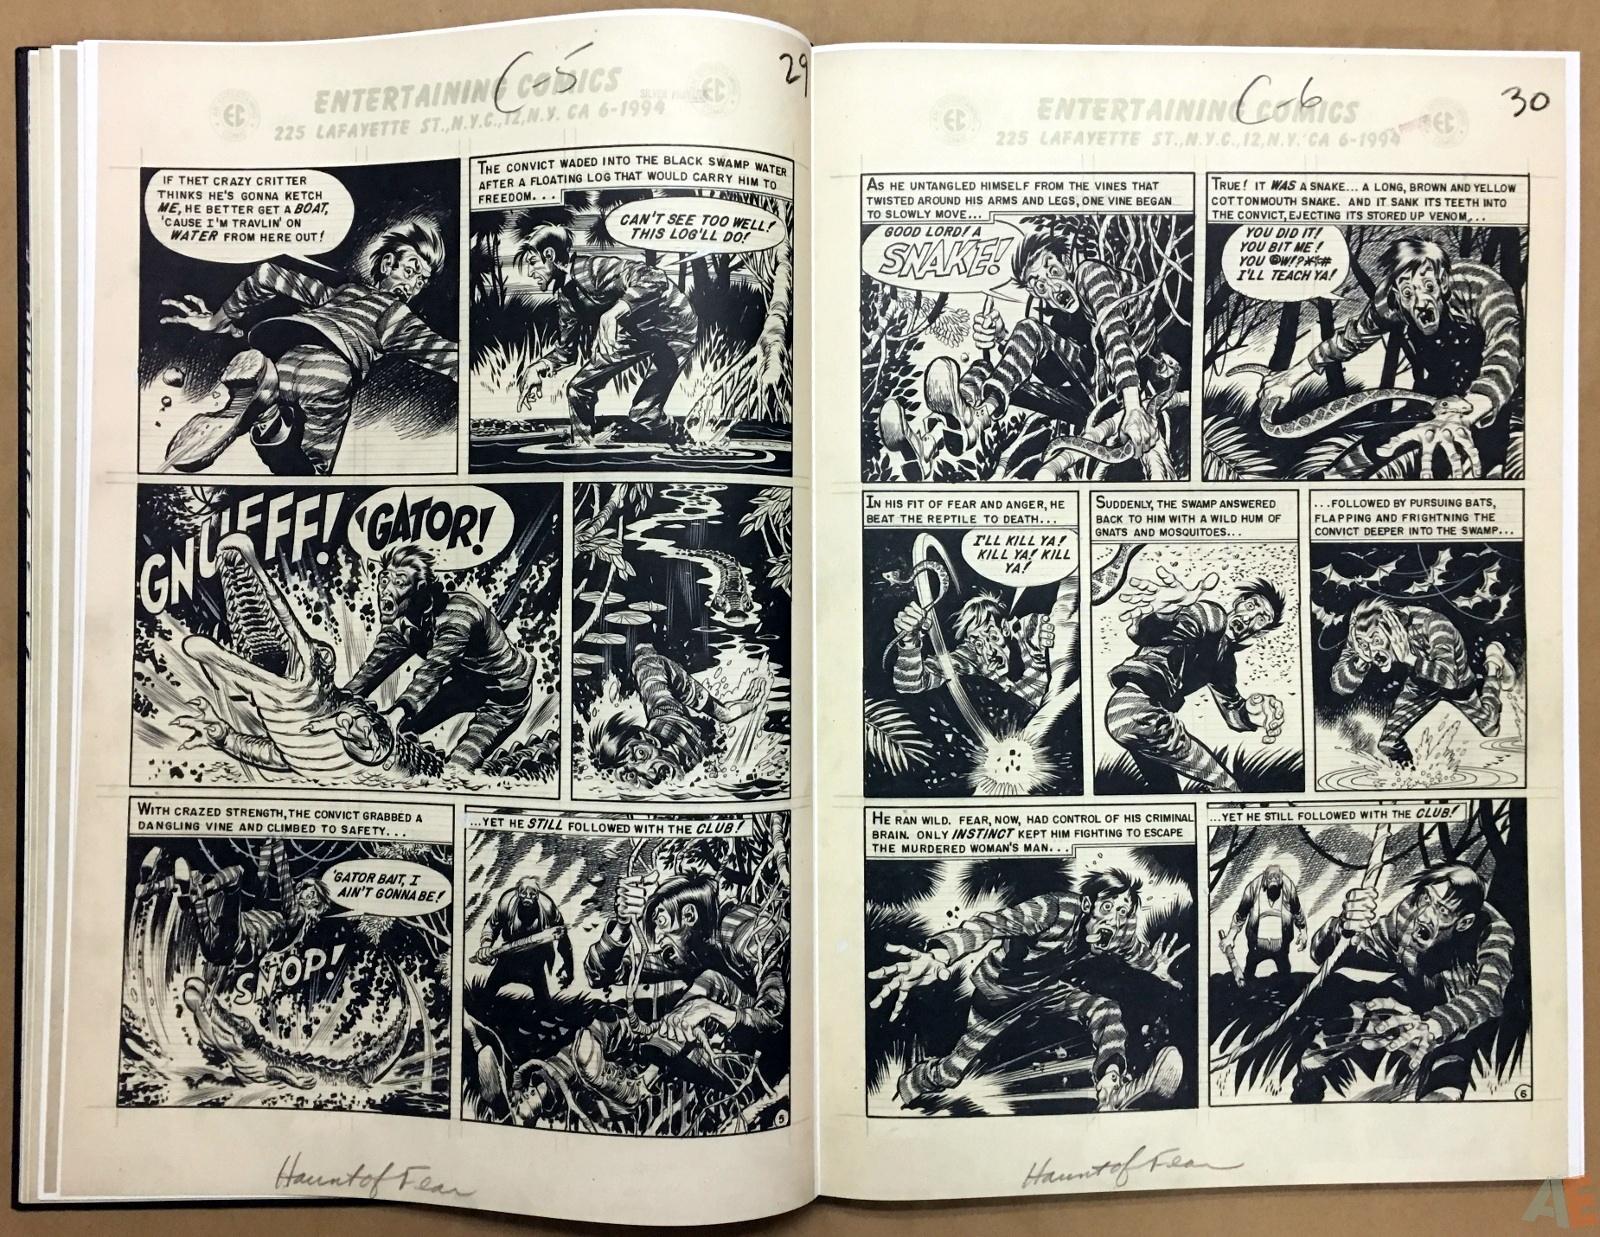 Jack Davis' EC Stories Artist's Edition 14